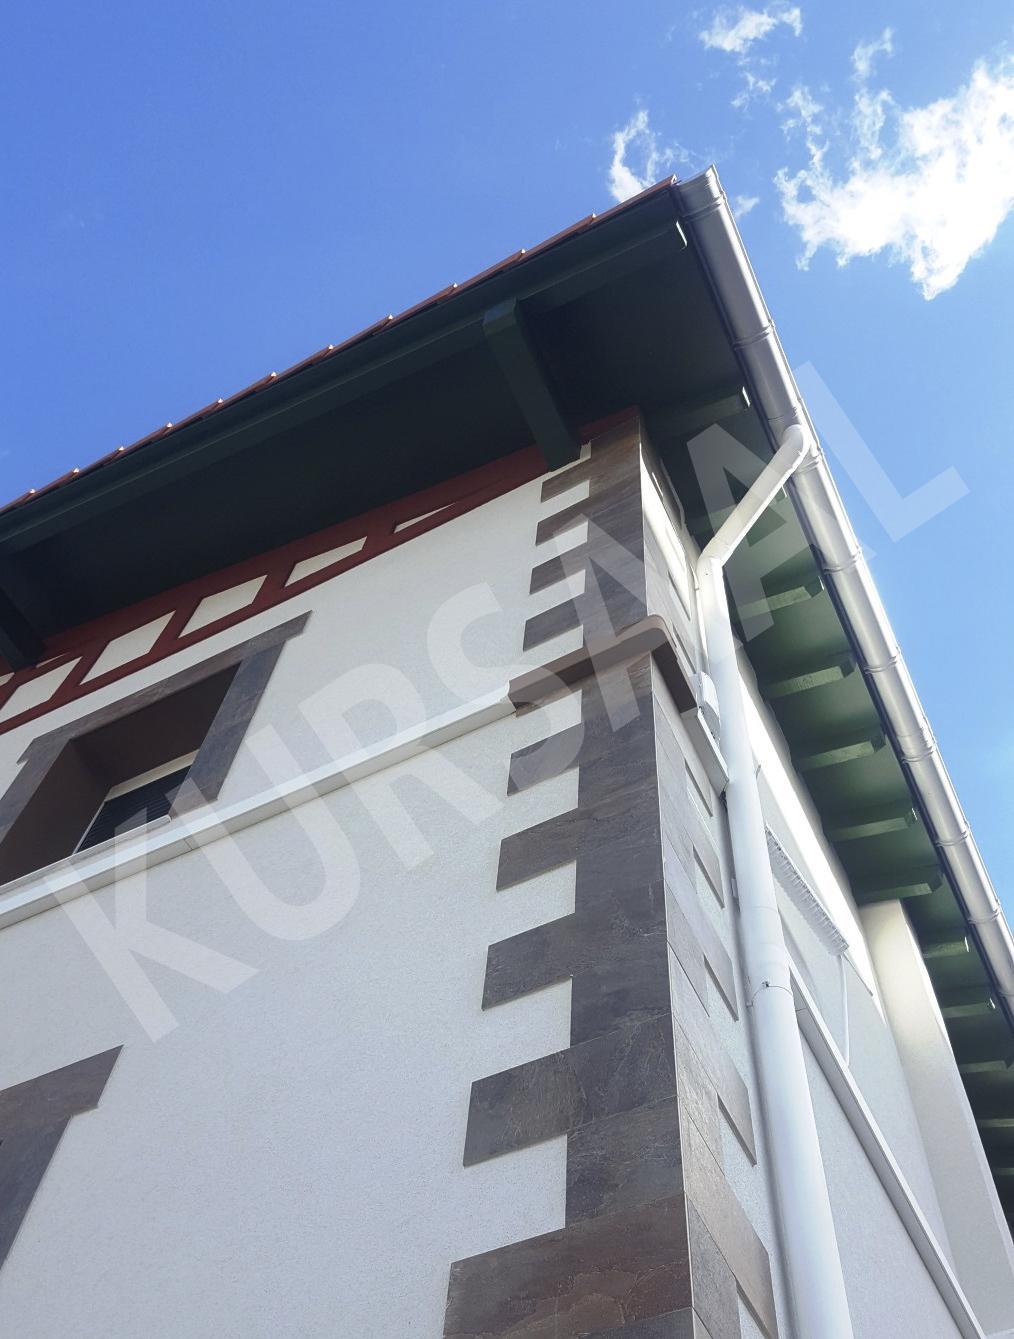 foto 16 - Aislamientos Térmicos y Eficiencia Energética-Calzada de Oleta 17-DONOSTIA